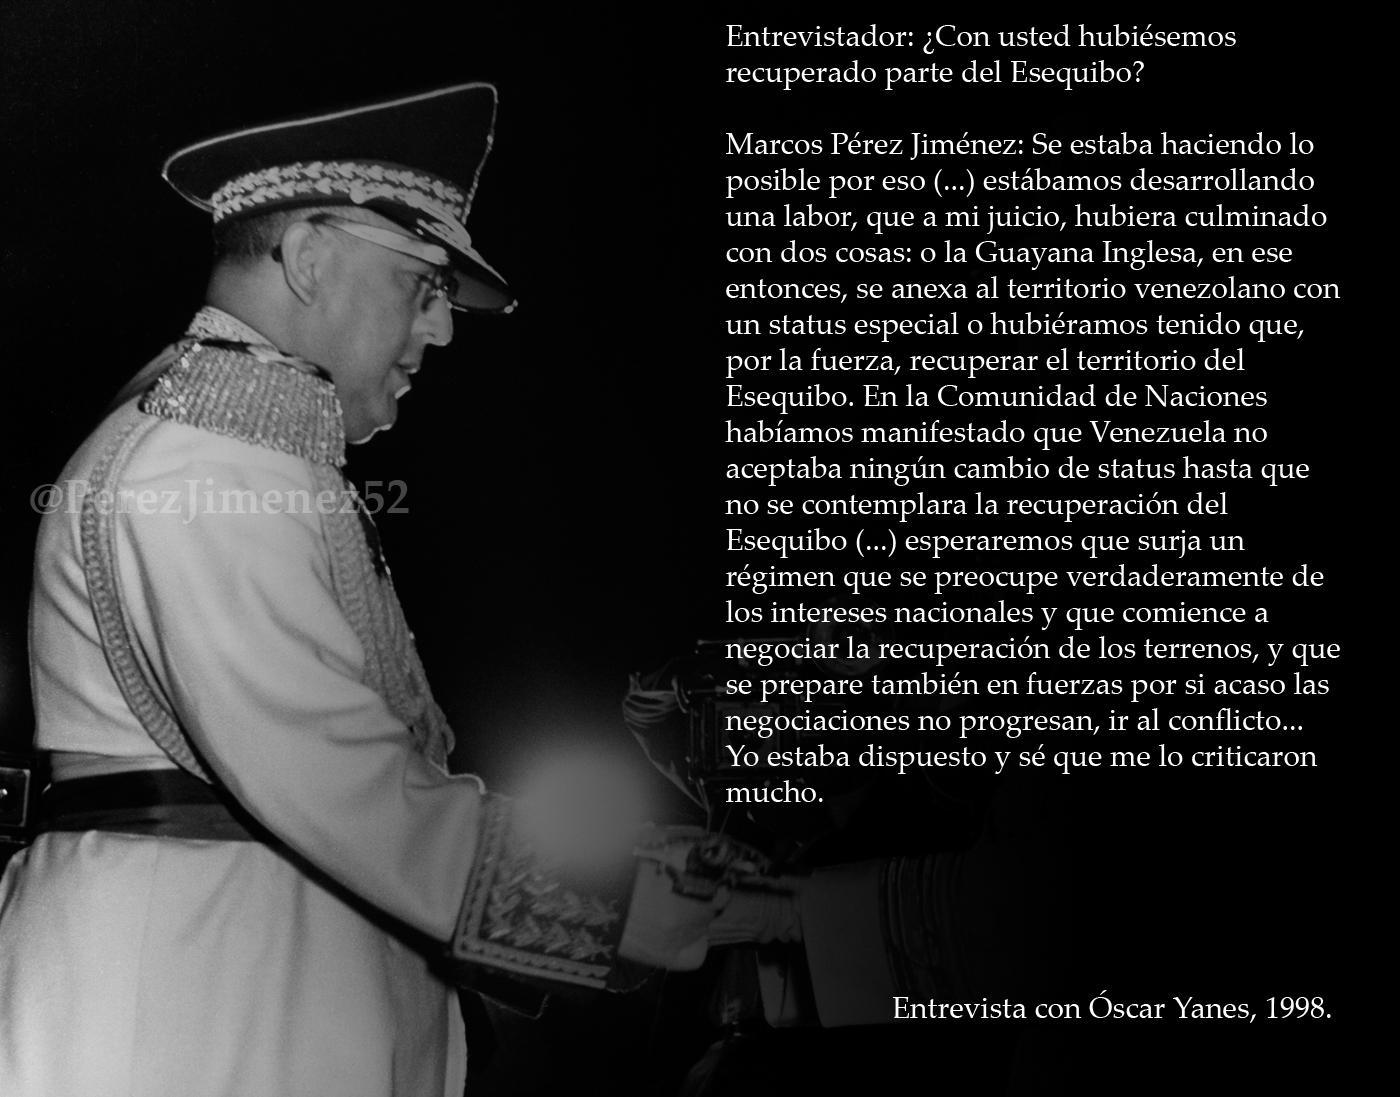 la epoca dorada de Venezuela: durante el Gobierno del General Marcos Pèrez Jimènez - Página 2 CAVCC9BWEAAOZ7h